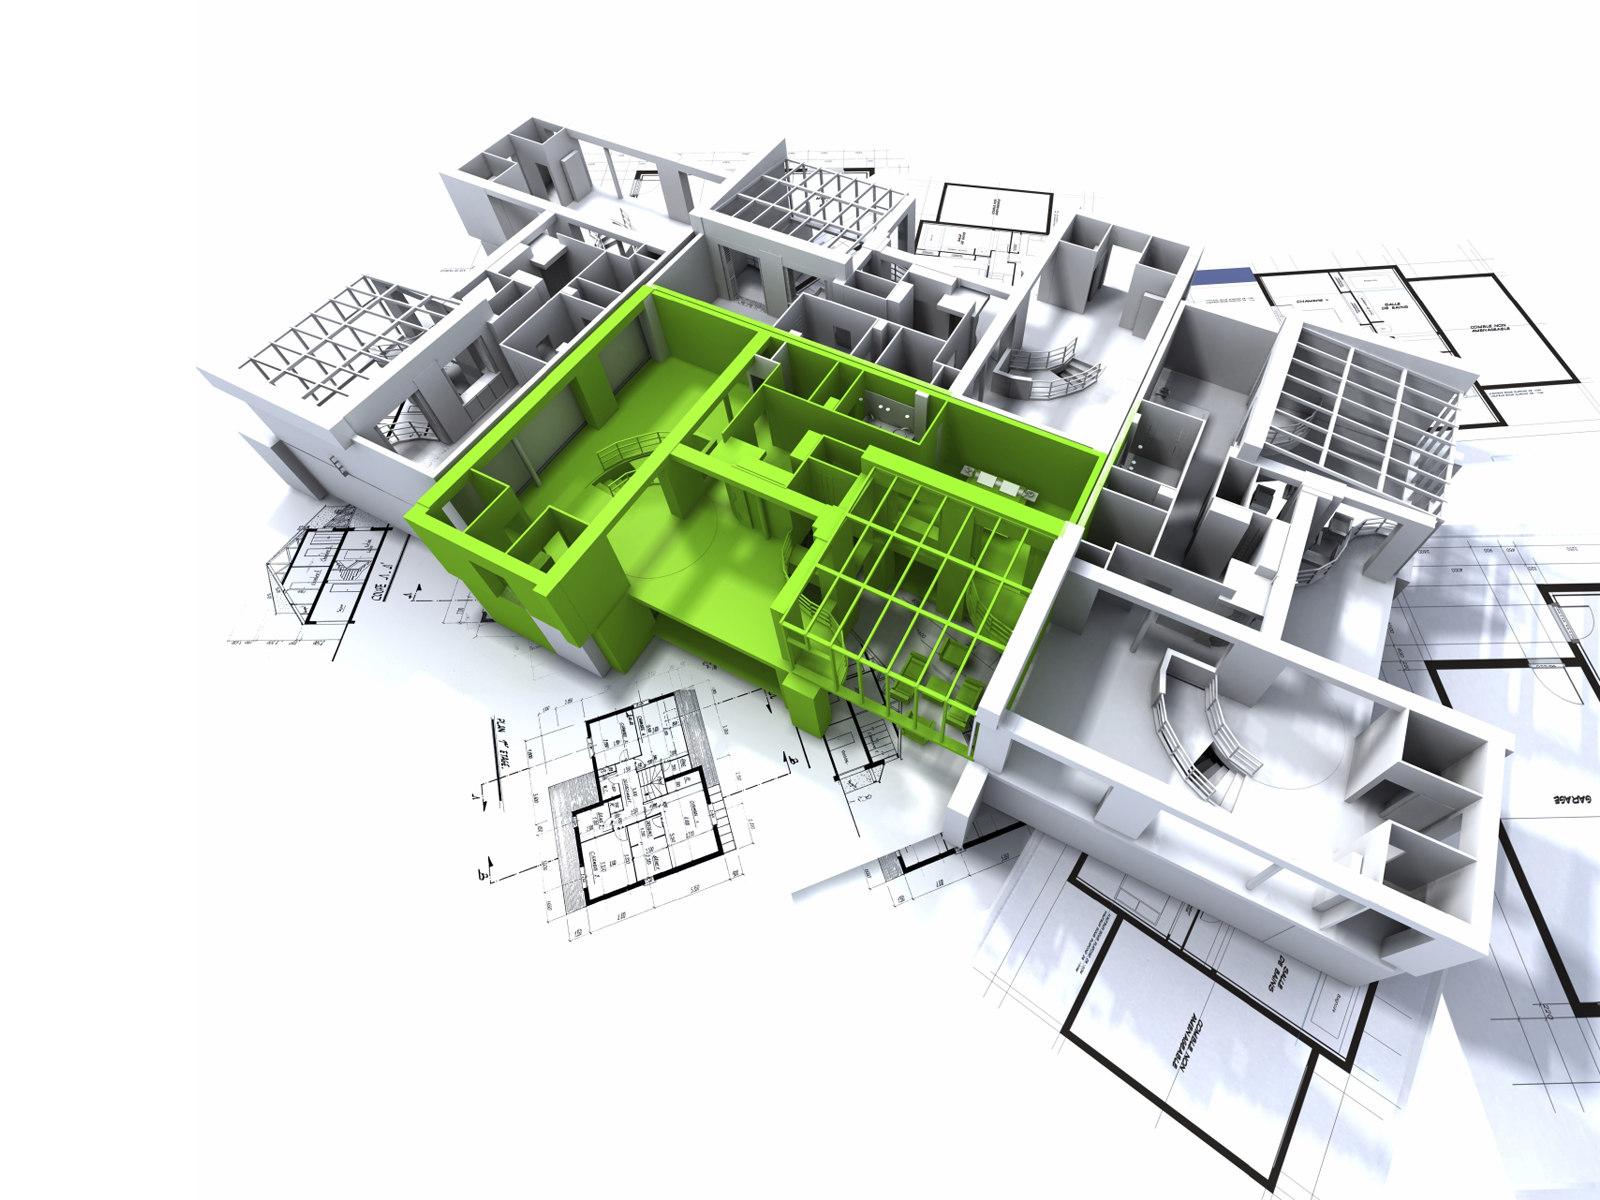 建筑模型市场的发展为什么有阻碍?